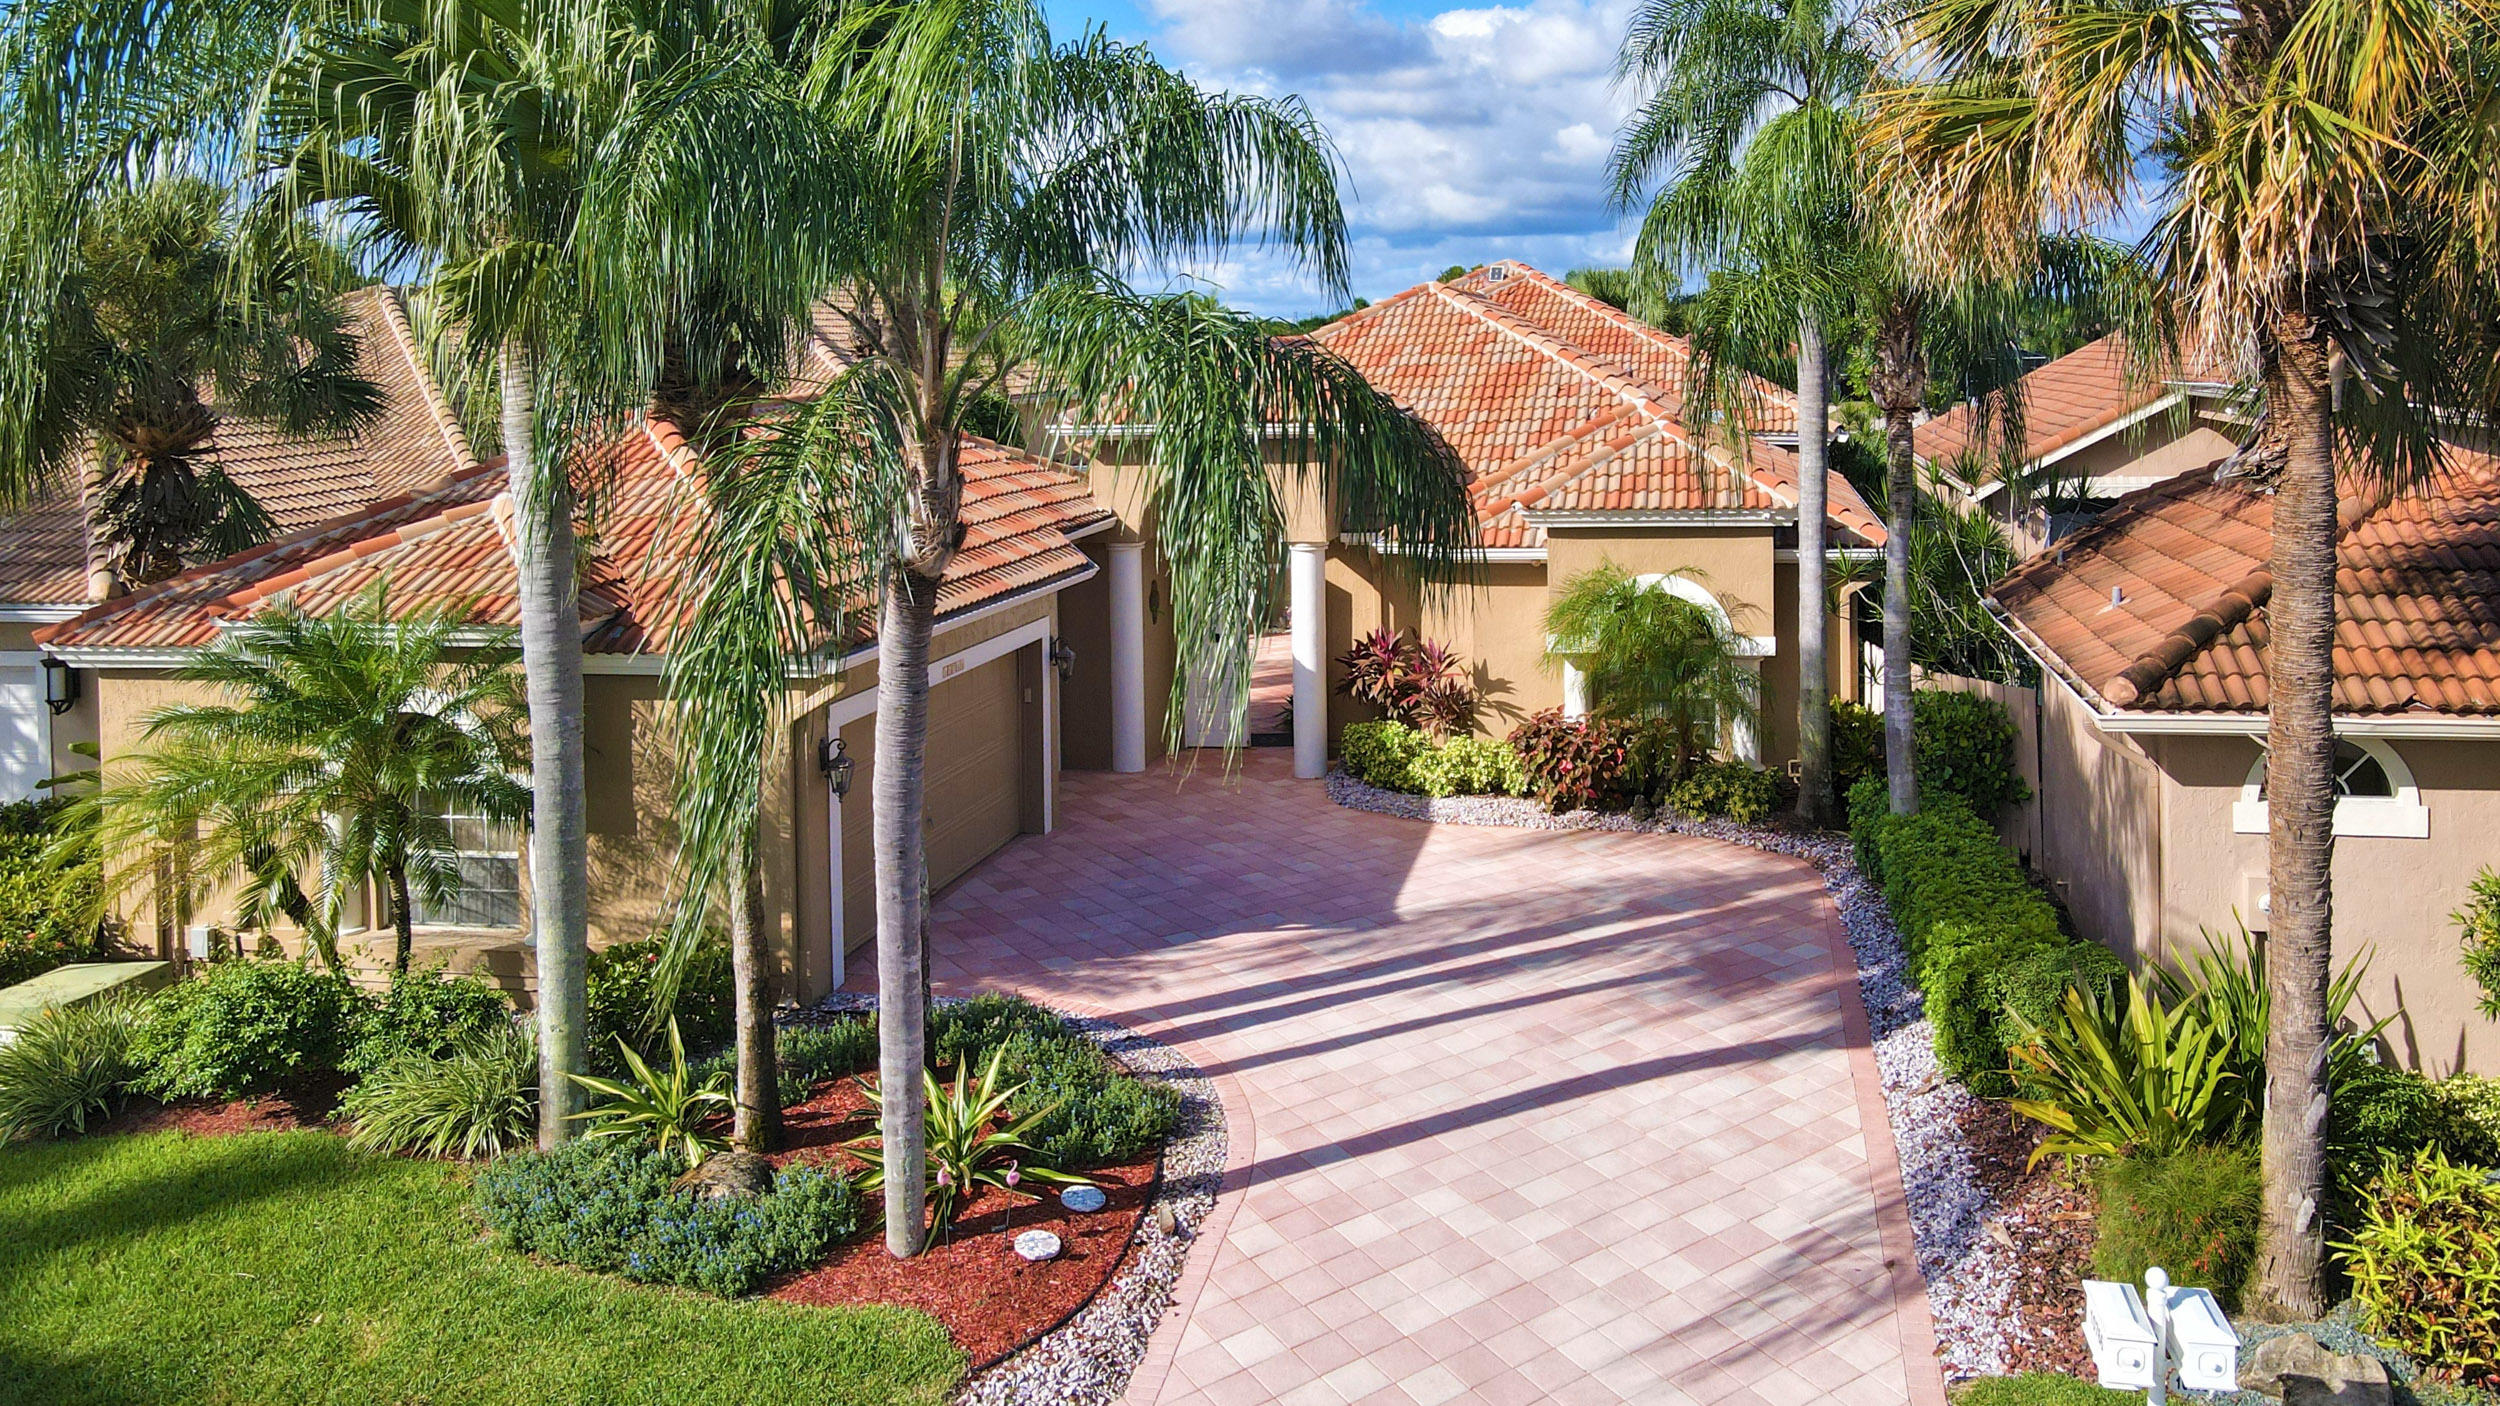 Image 2 For 10766 Greenbriar Villa Drive